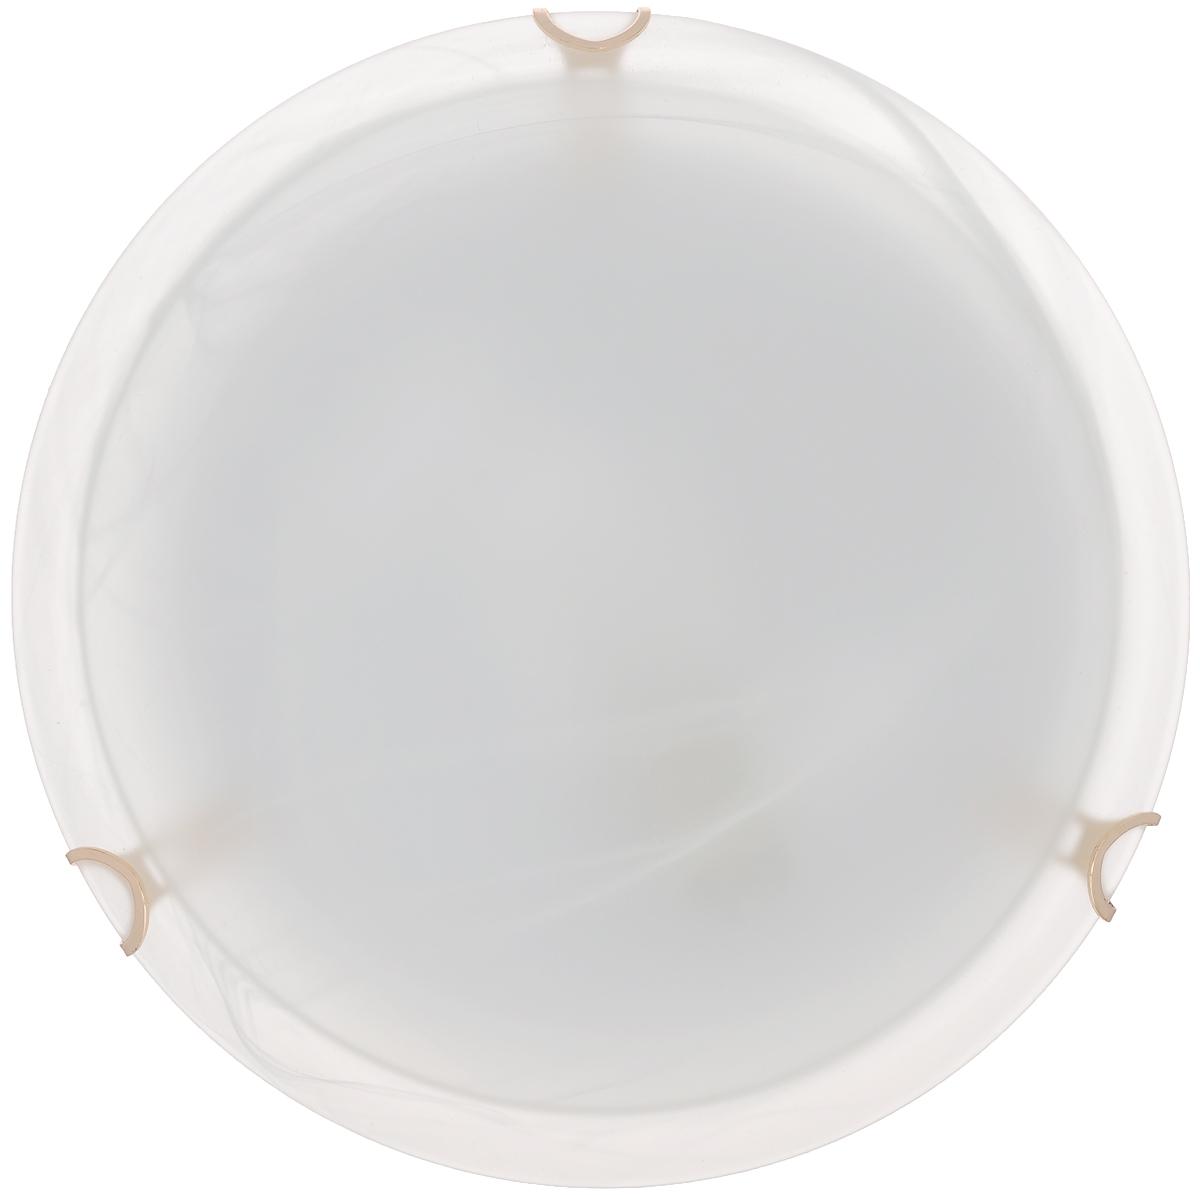 Светильник пристраиваемый Vitaluce V6231/1A, Е27, 100 Вт vitaluce светильник minta